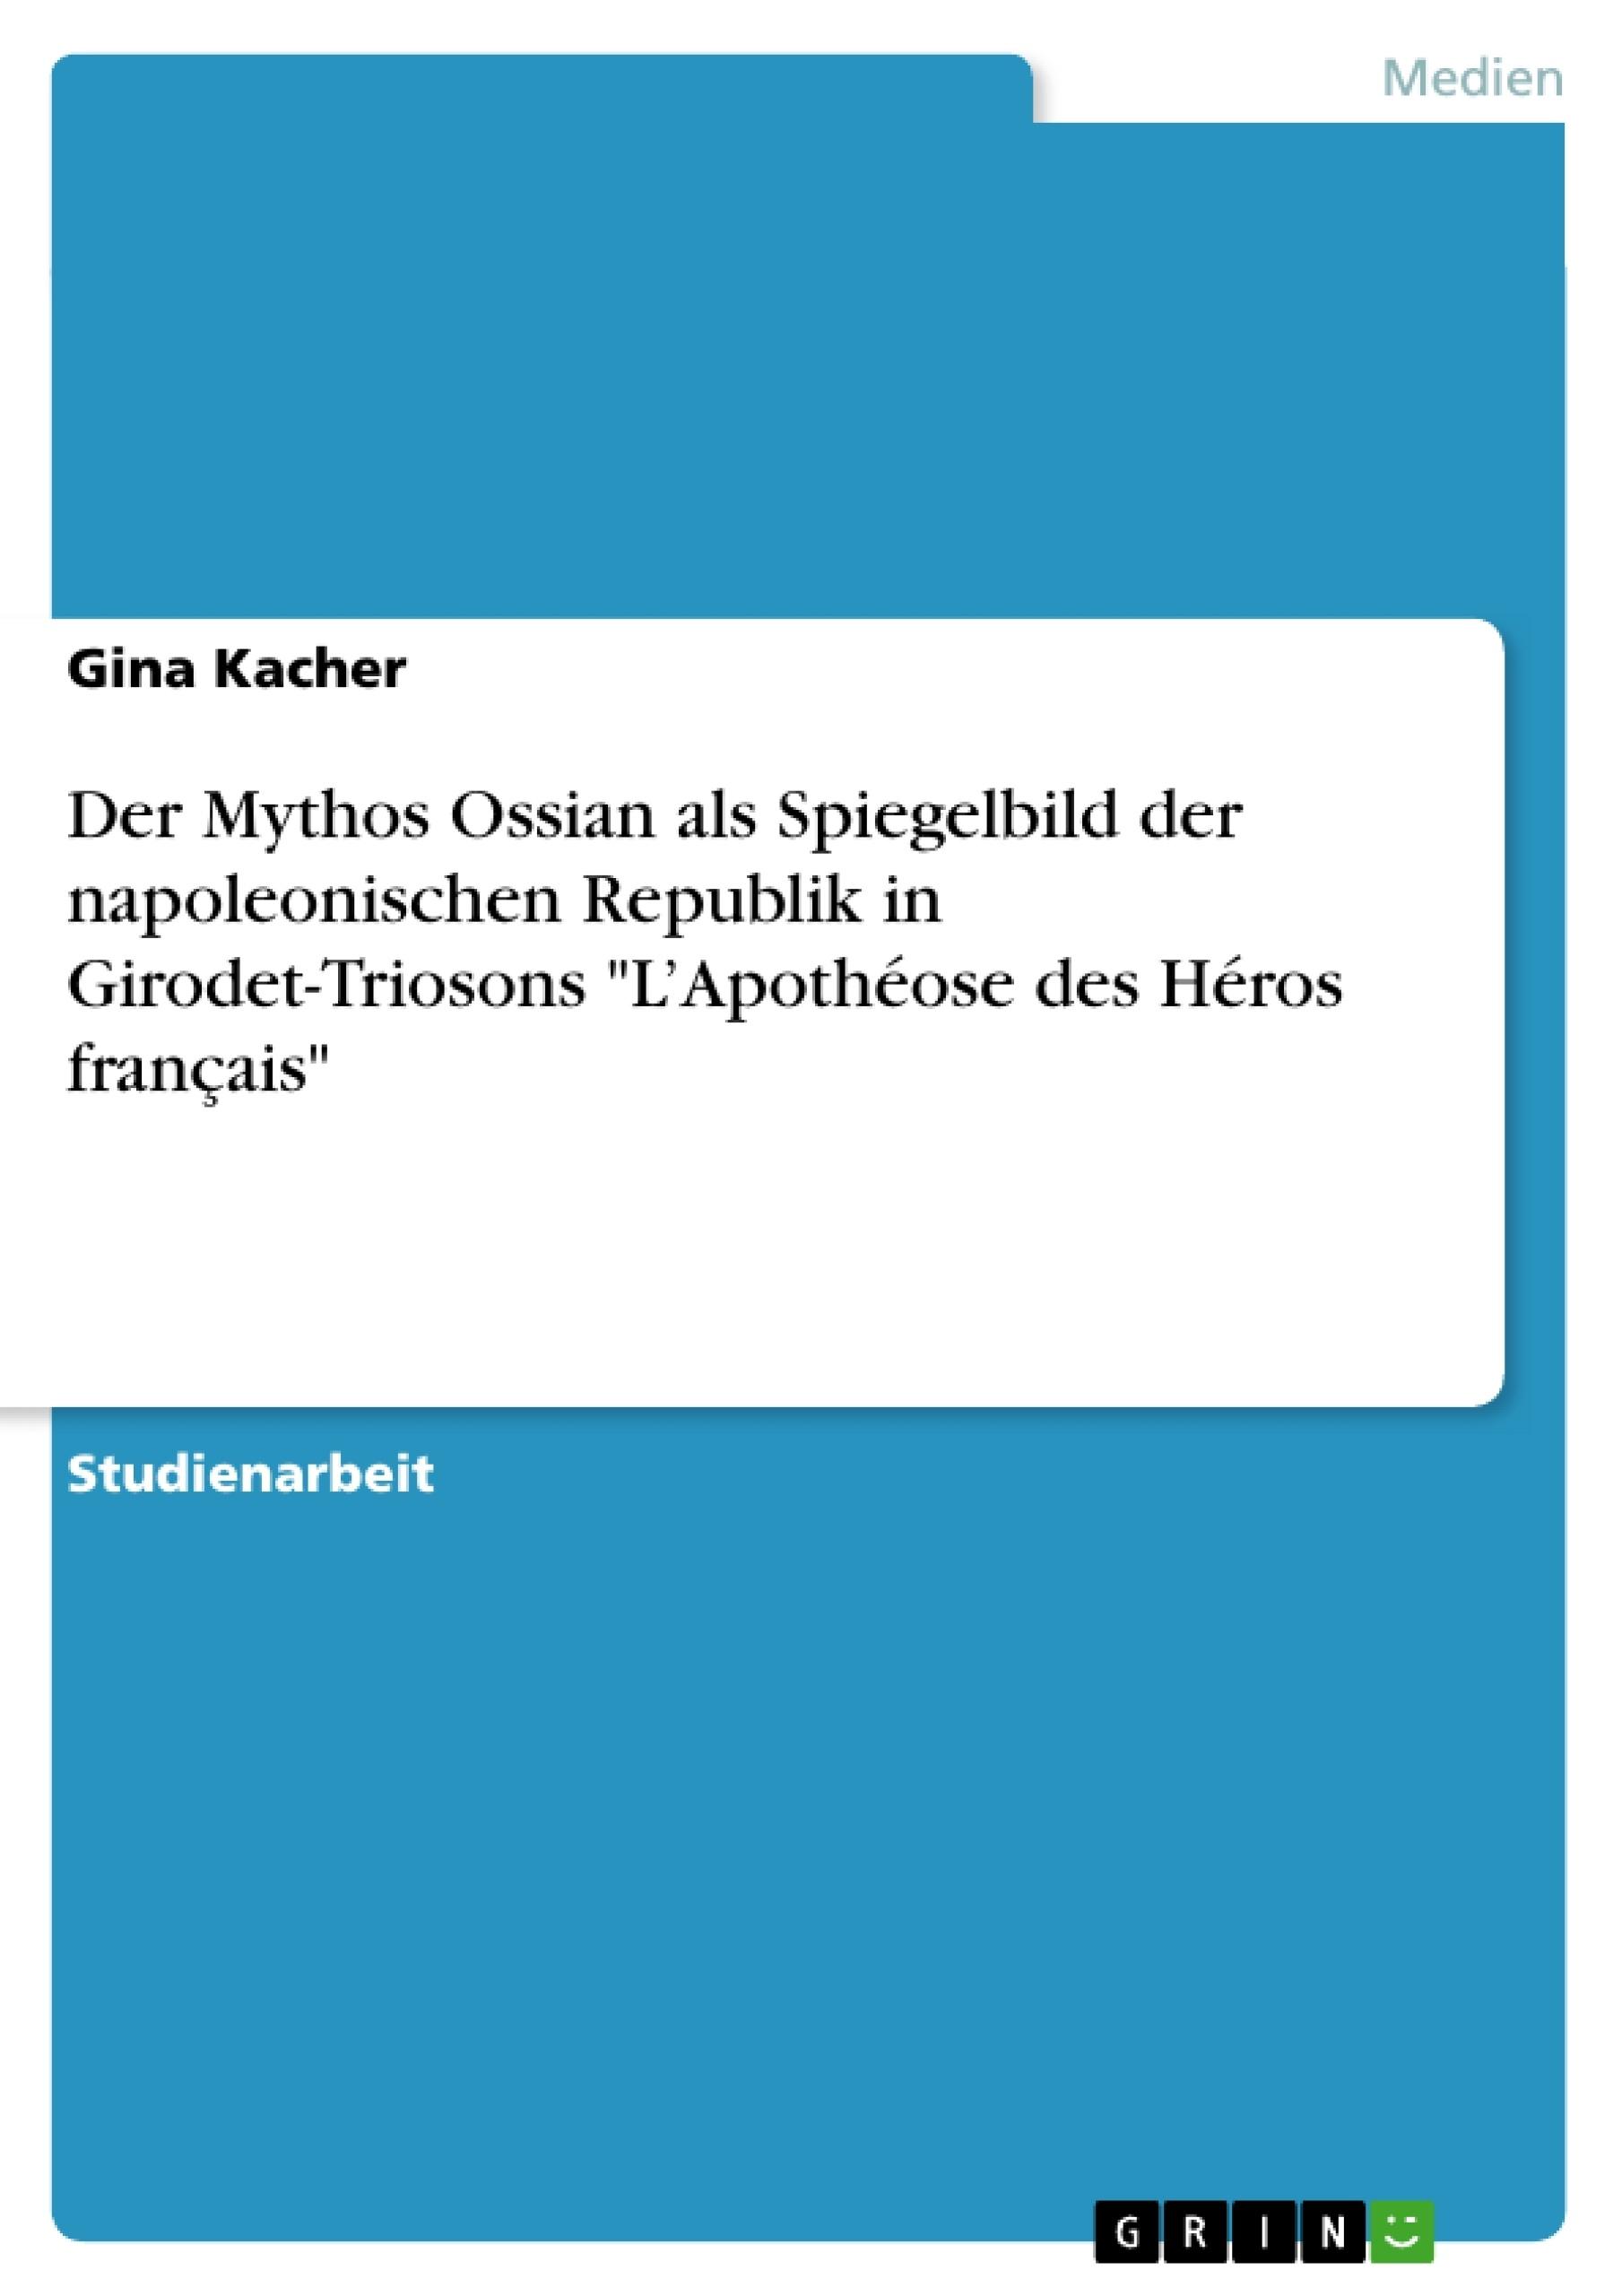 """Titel: Der Mythos Ossian als Spiegelbild der napoleonischen Republik in Girodet-Triosons """"L'Apothéose des Héros français"""""""